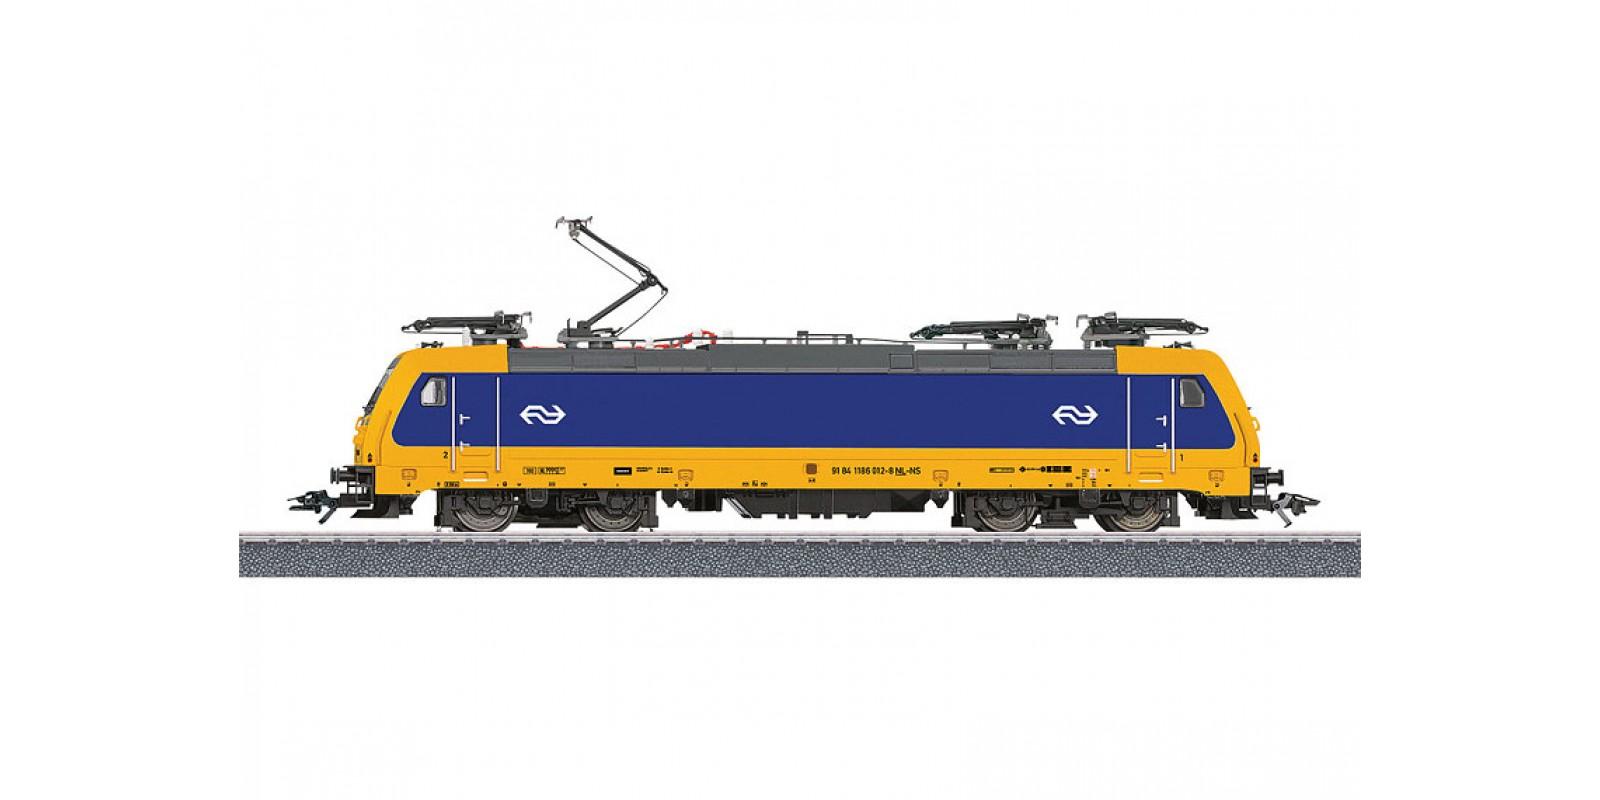 36629 Class E 186 Electric Locomotive